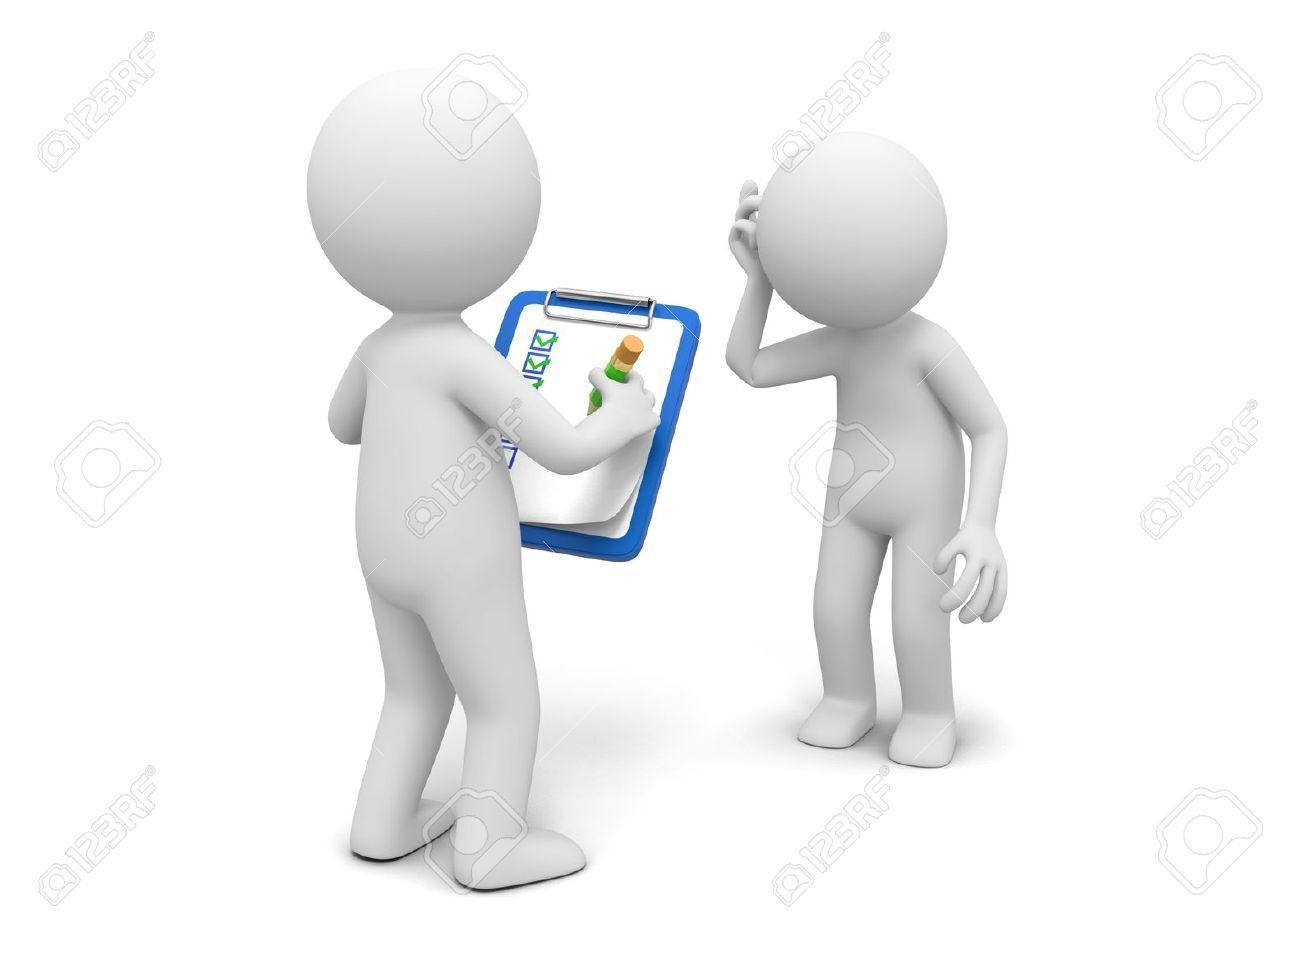 Lista de verificación norma iso 9001:2015 – SGSST | SGSST- COL ...